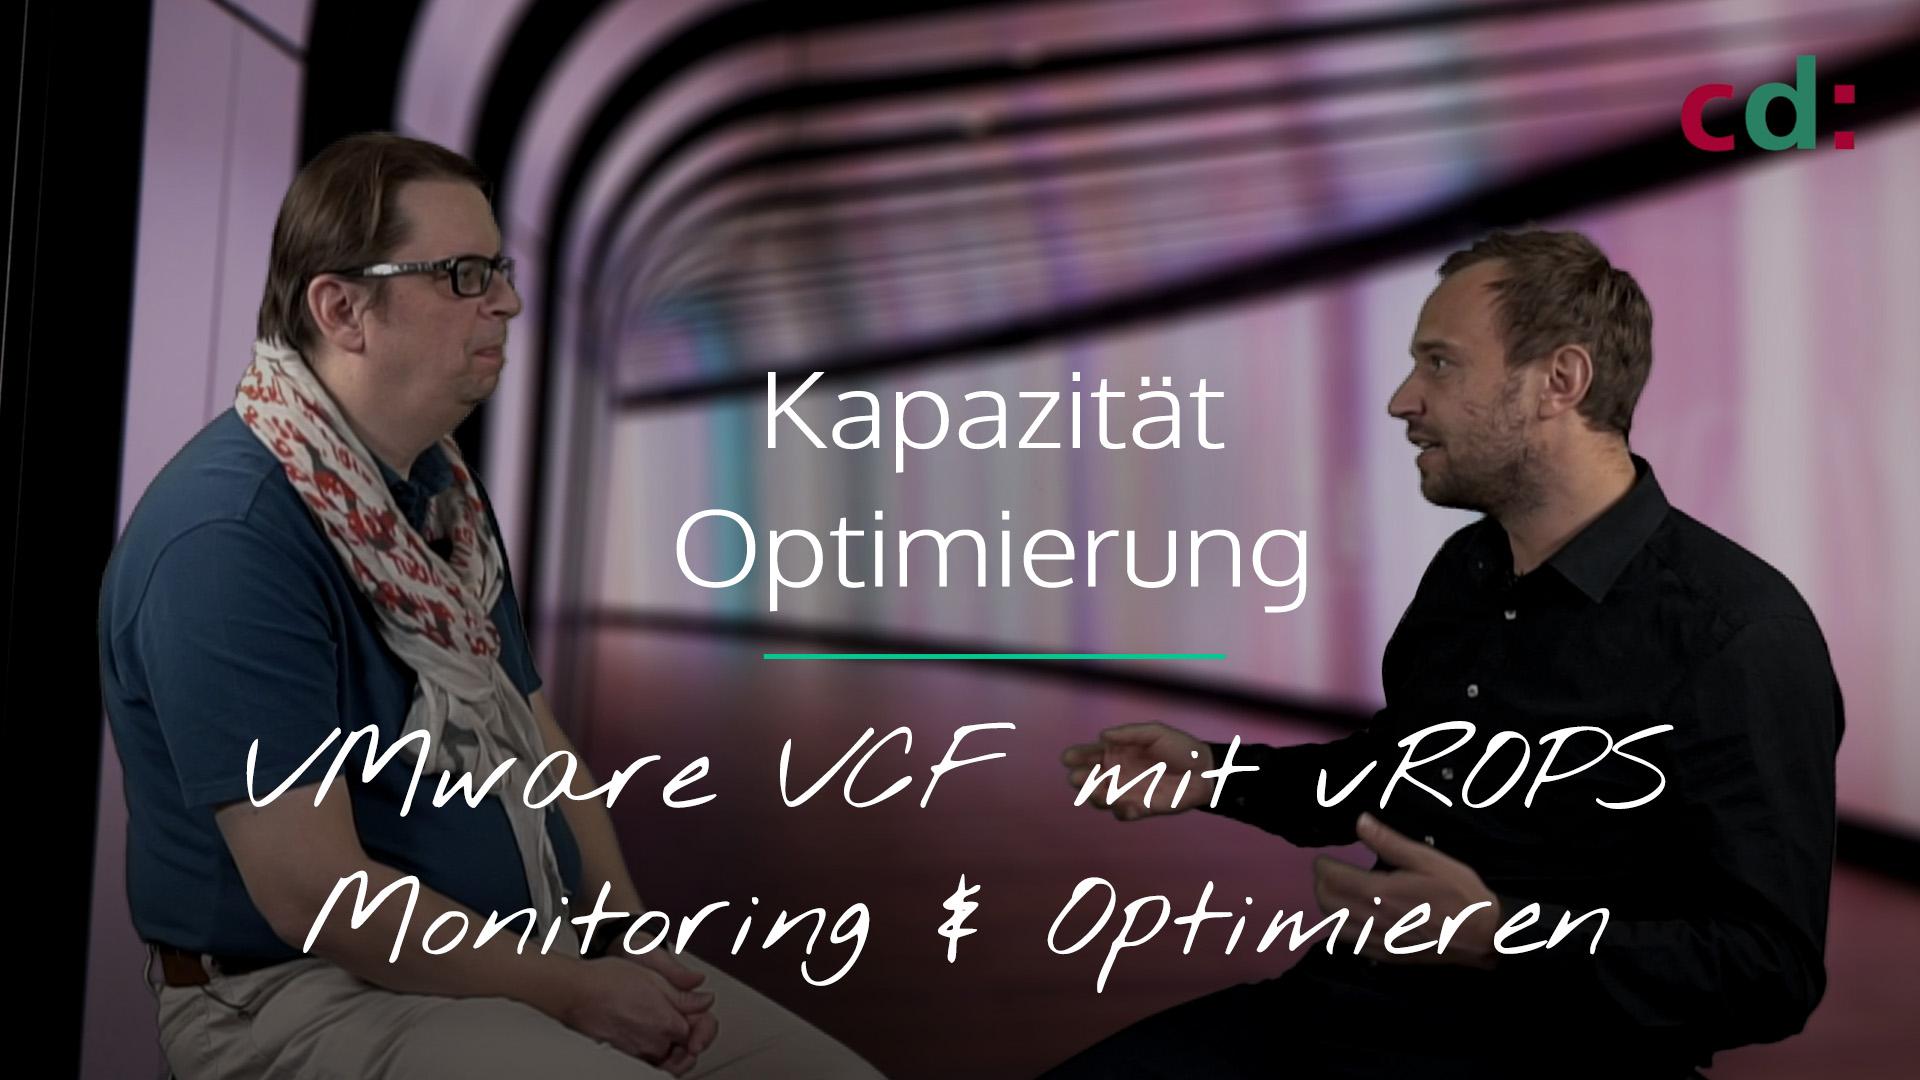 VMware VCF und vROPS - Kapazitätsmanagement